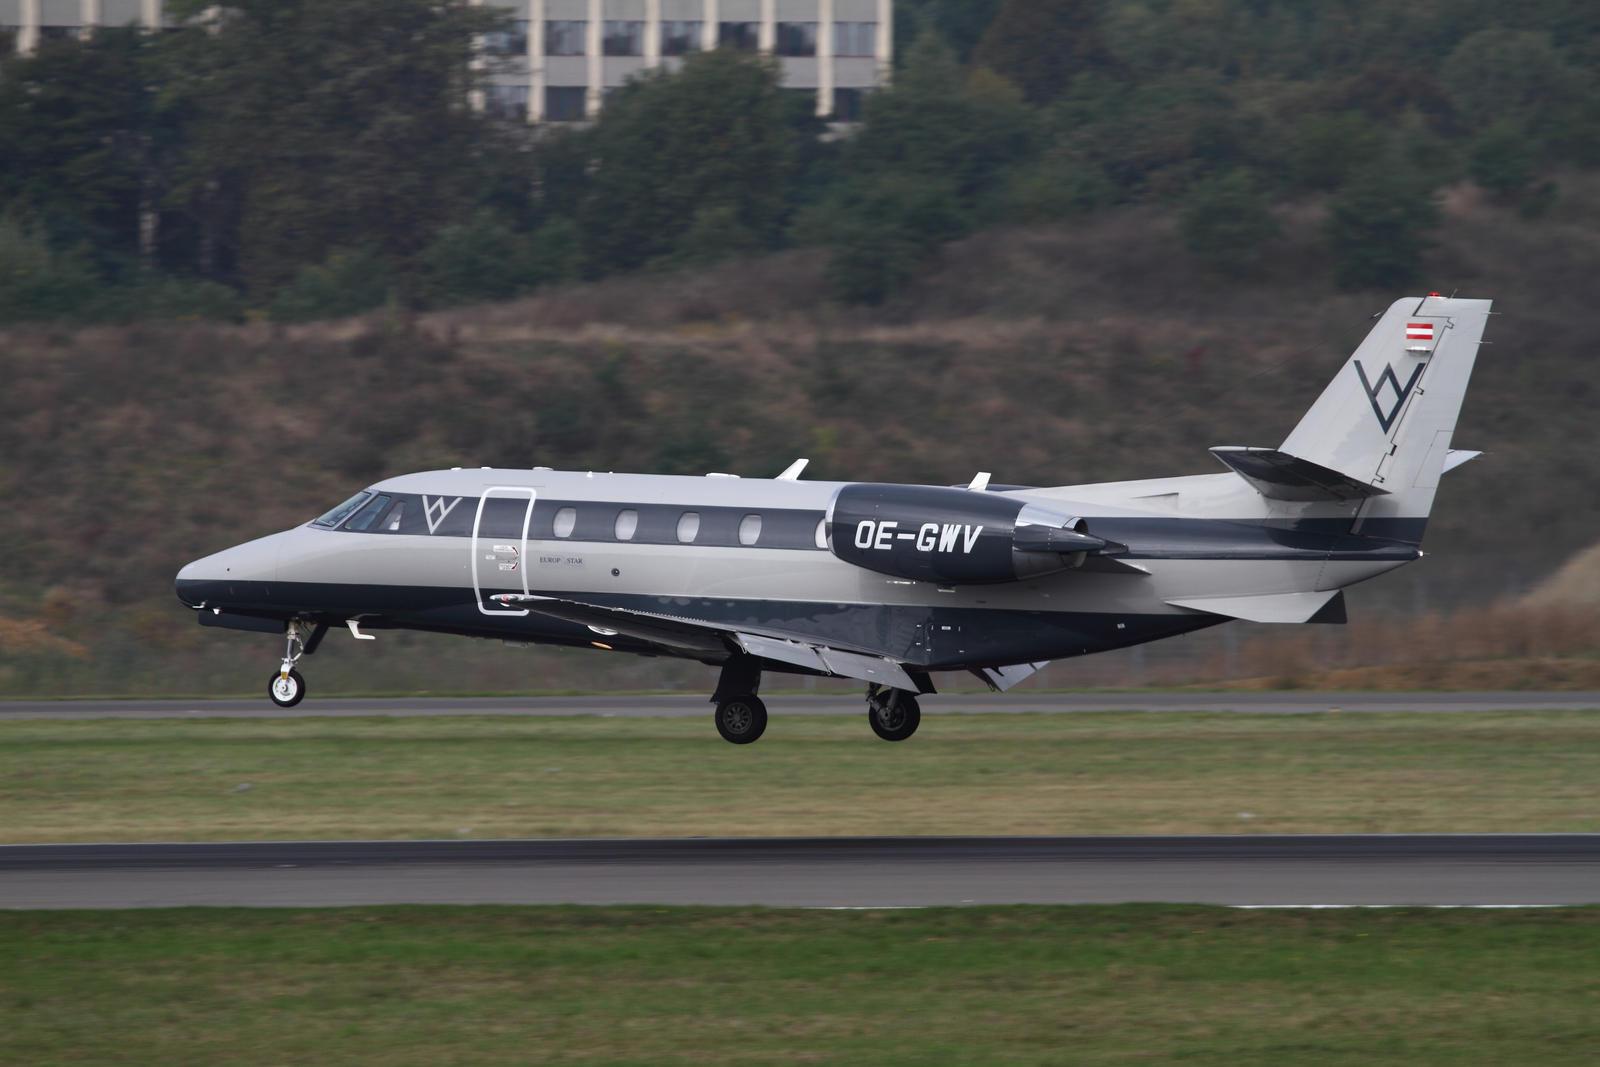 Success Citaten Xl : Cessna xl citation xls by planespotterjanb on deviantart